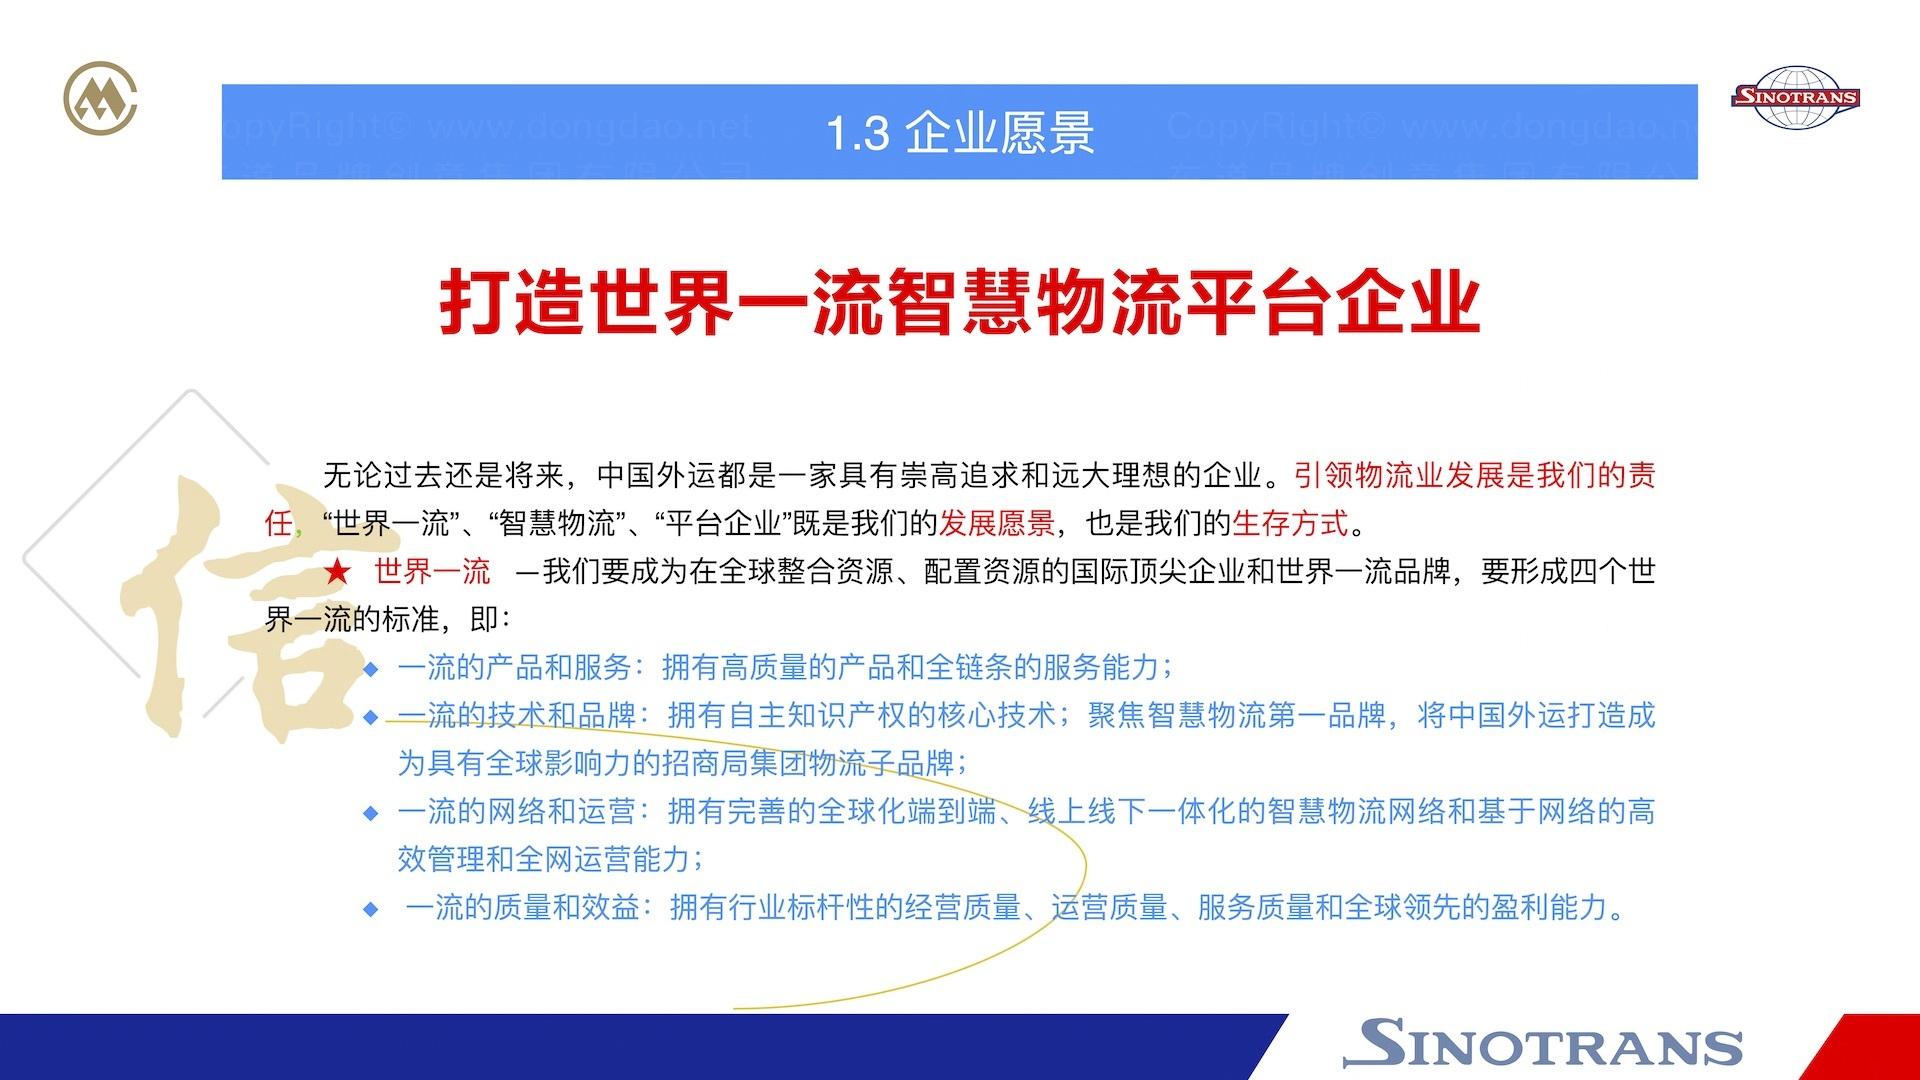 品牌战略&企业文化中国外运企业文化落地项目企业文化手册应用场景_3